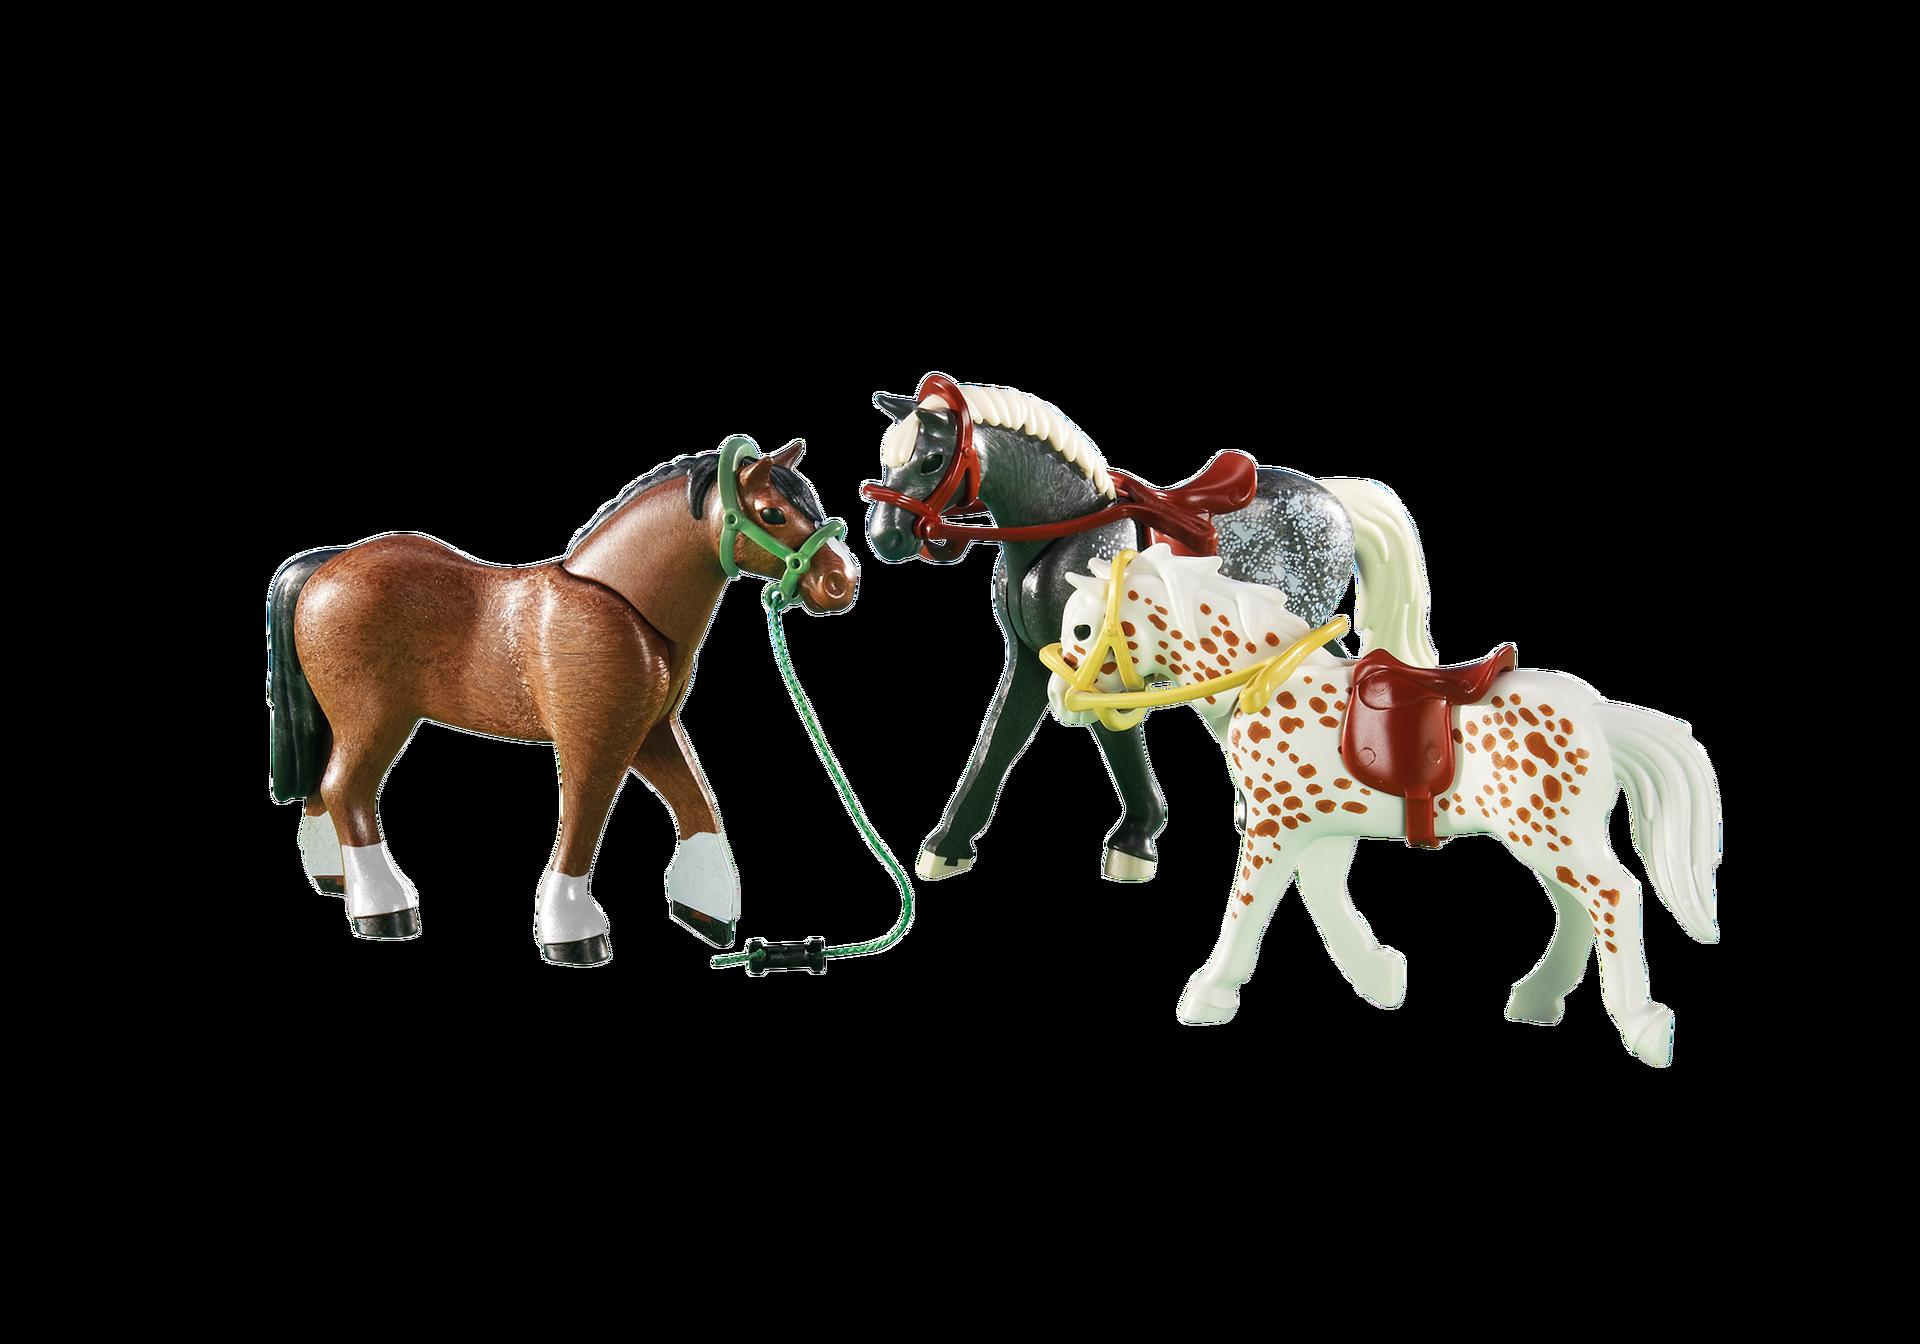 3 pferde 6360 playmobil deutschland - Pferde playmobil ...